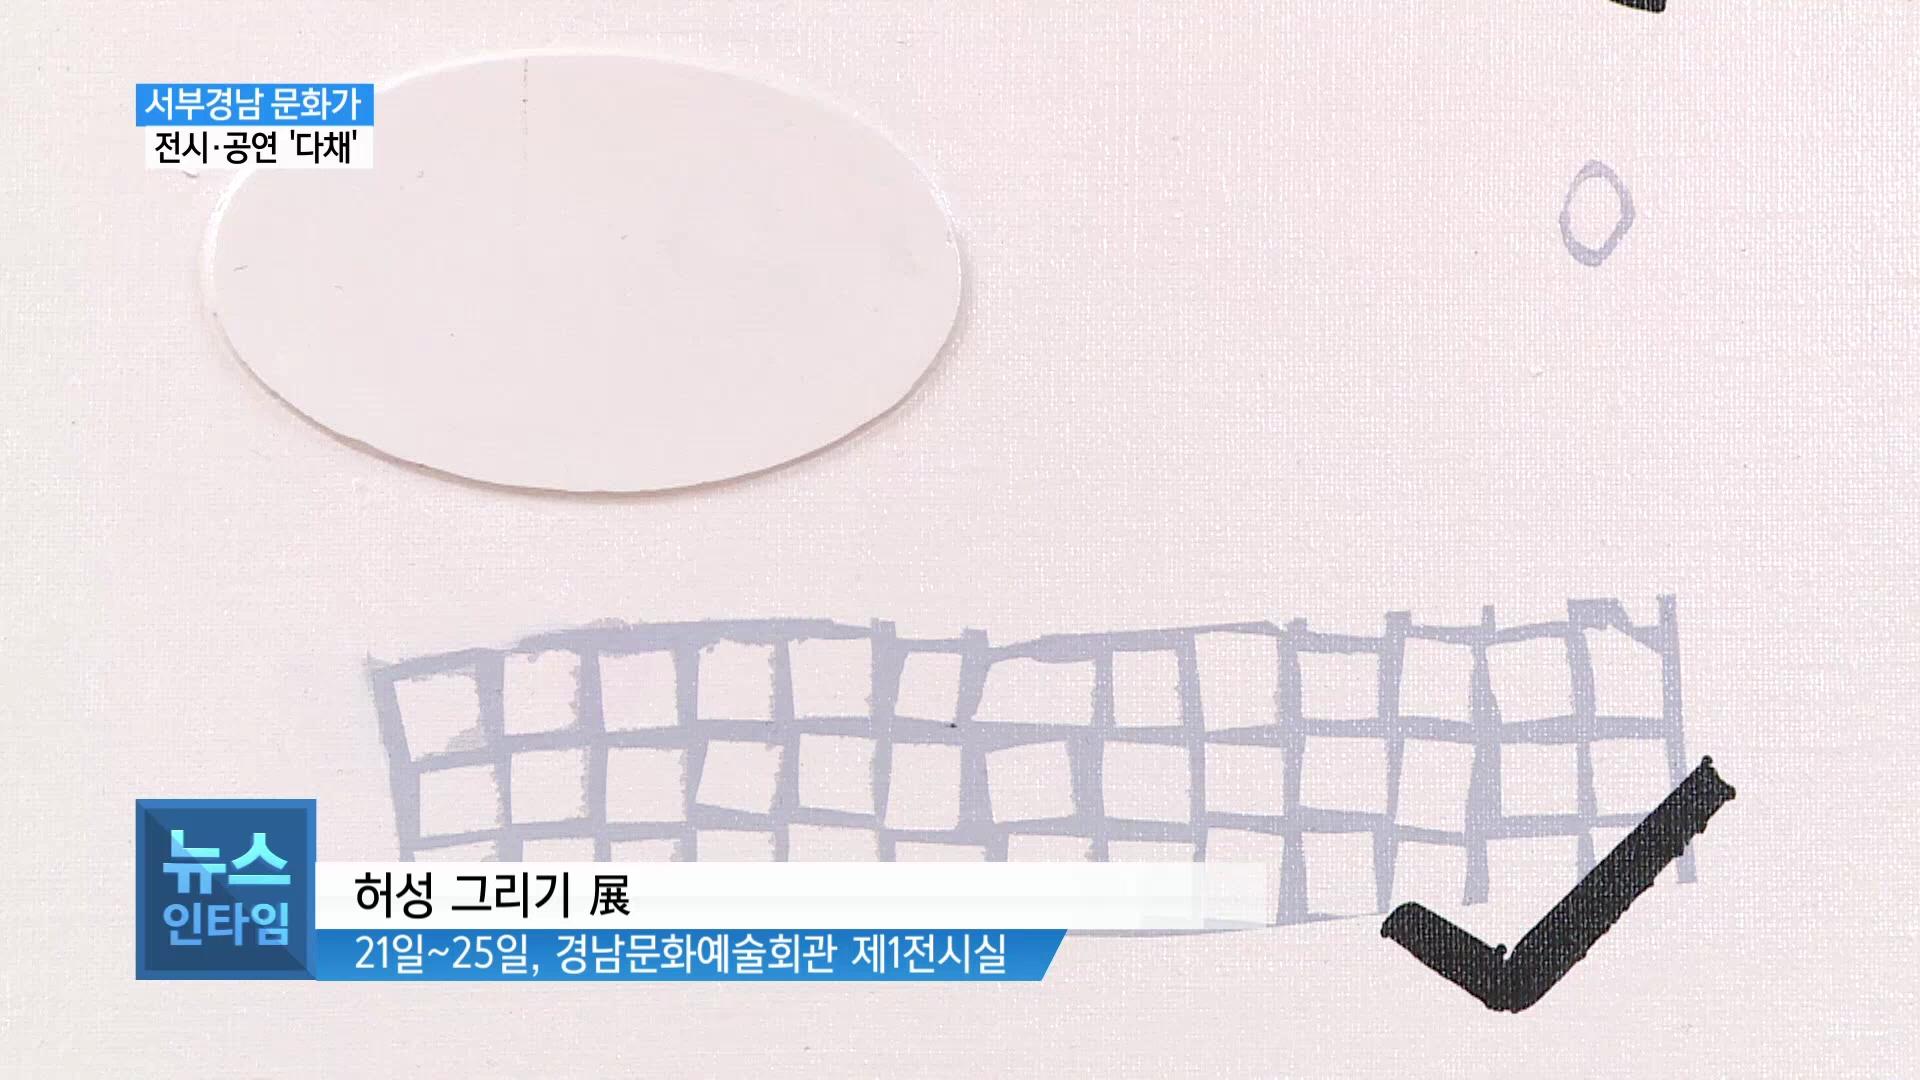 (문화가R) 선과 점, 도형 속에 스며든 어릴 적 '향수' 사진